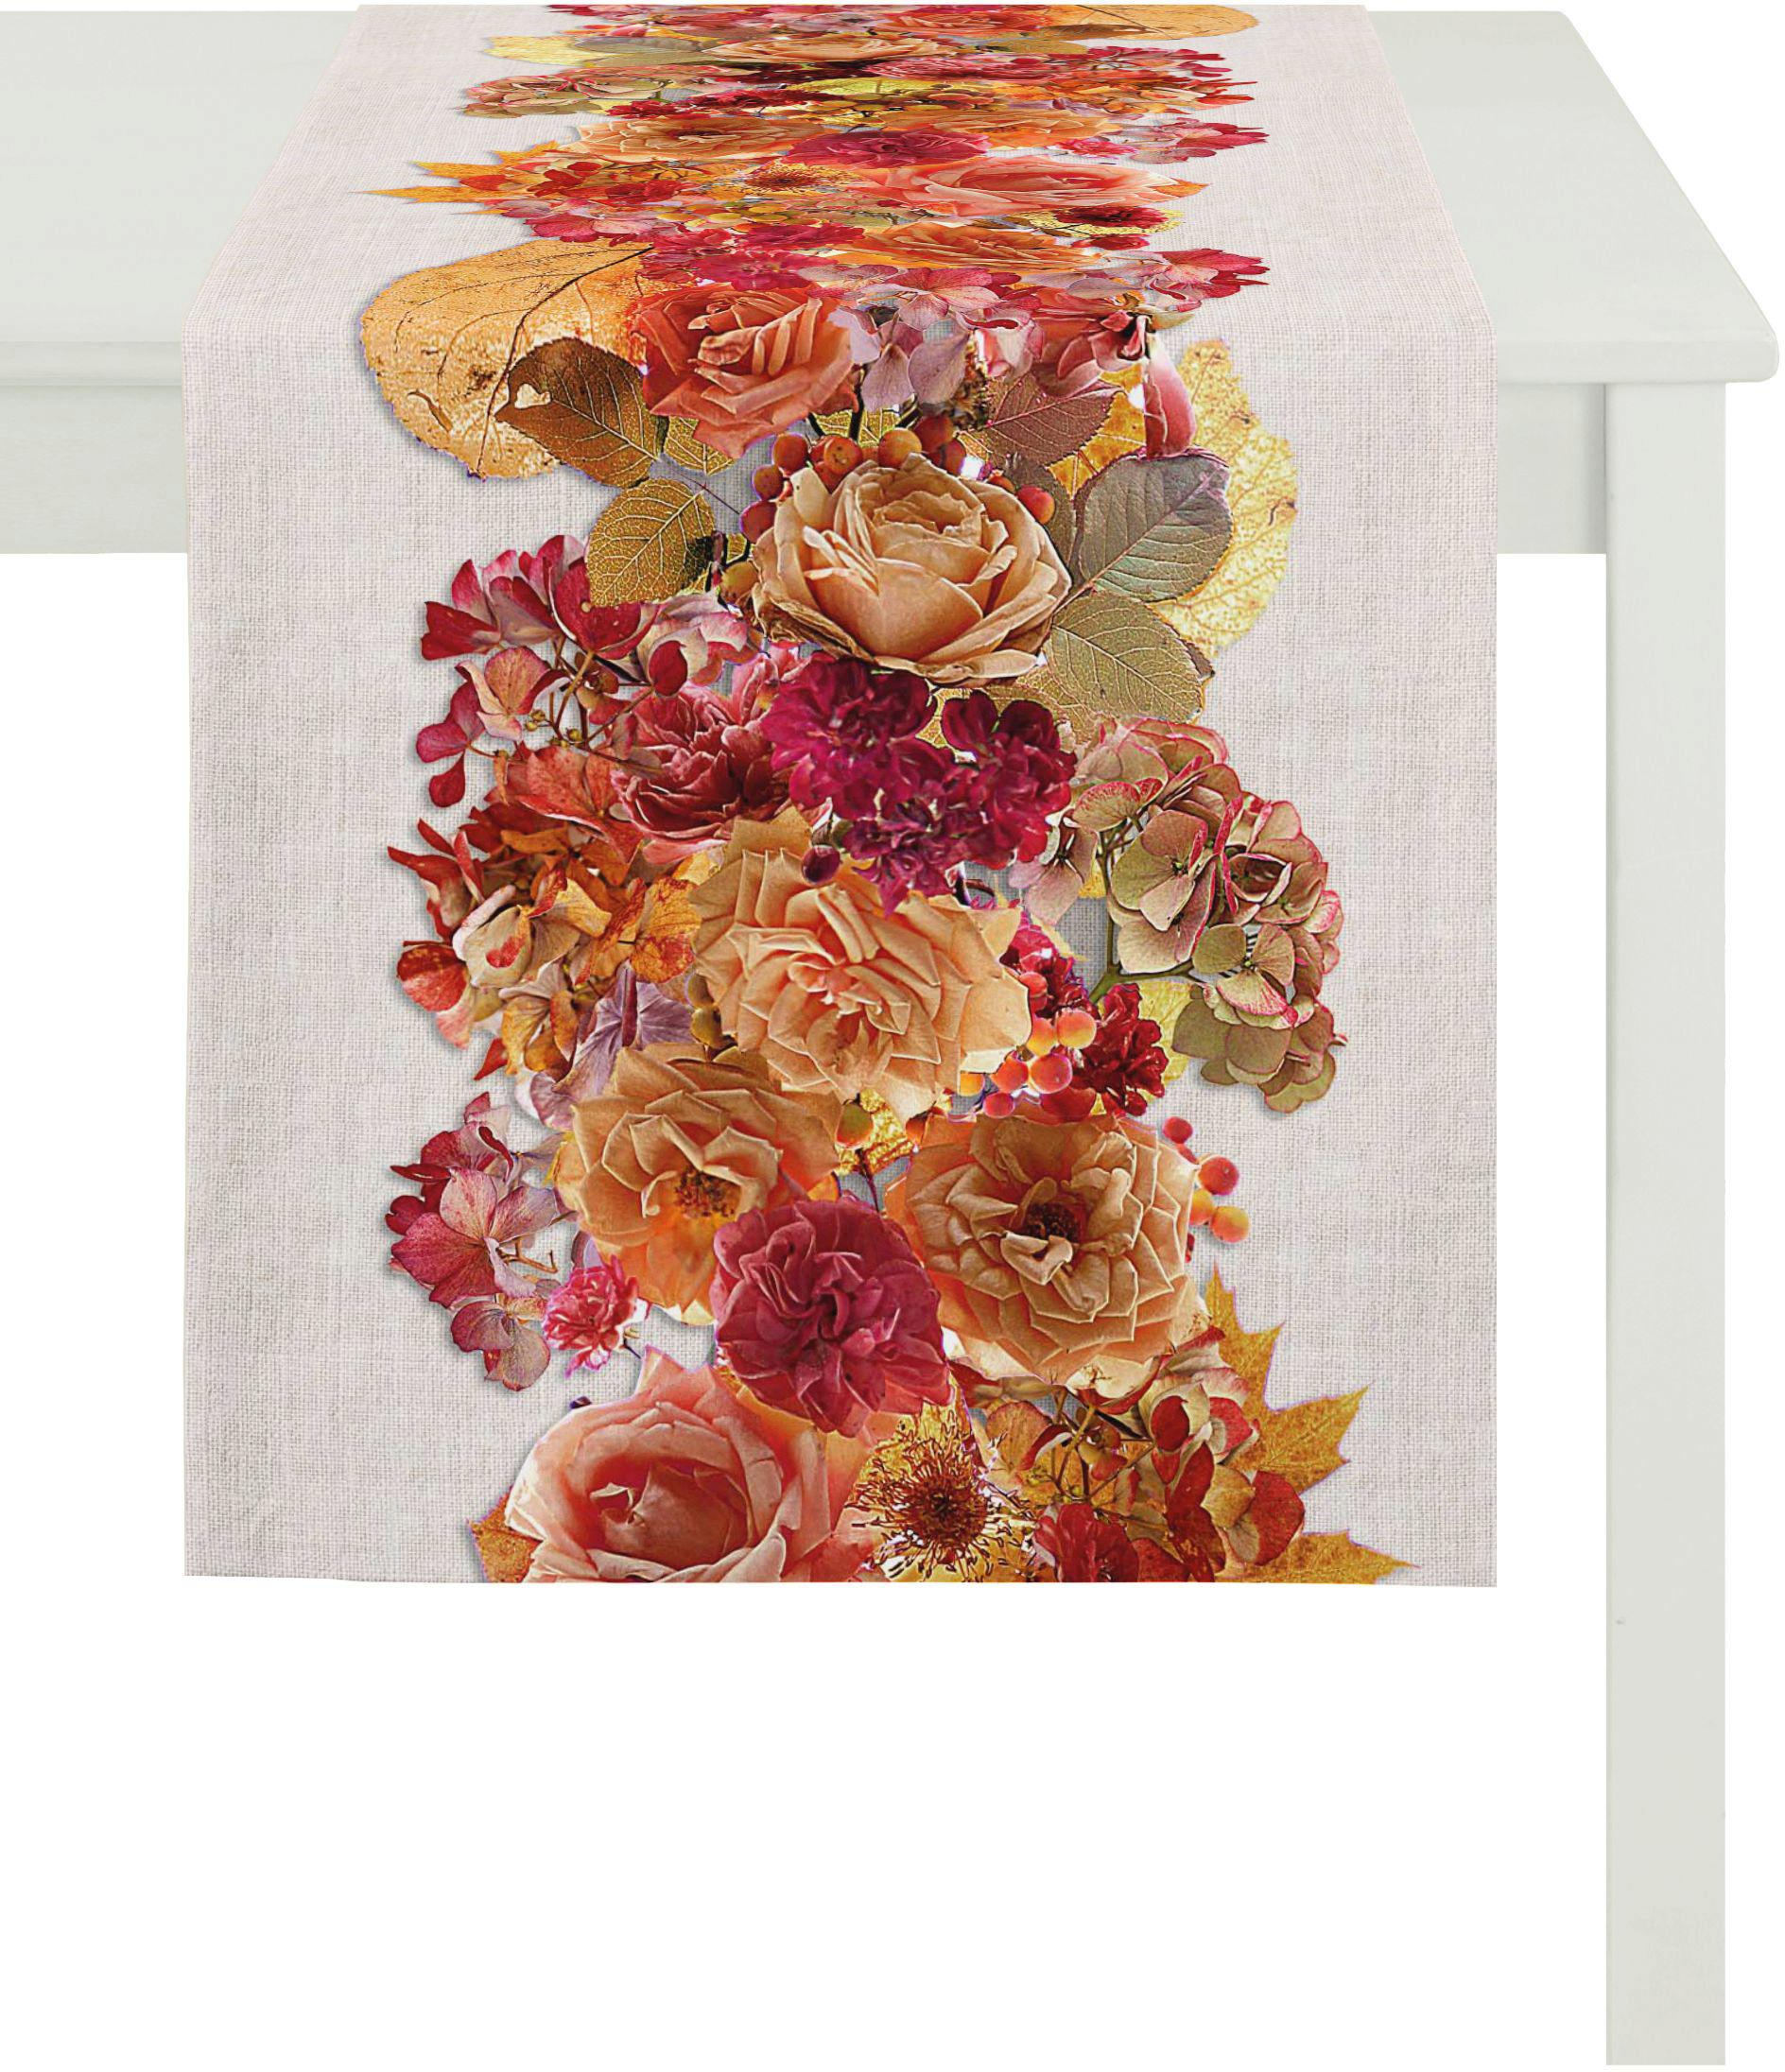 Apelt Tischläufer, 40x140 cm, »2921 Indian Summer« | Heimtextilien > Tischdecken und Co > Tischläufer | Orange | Baumwolle | APELT